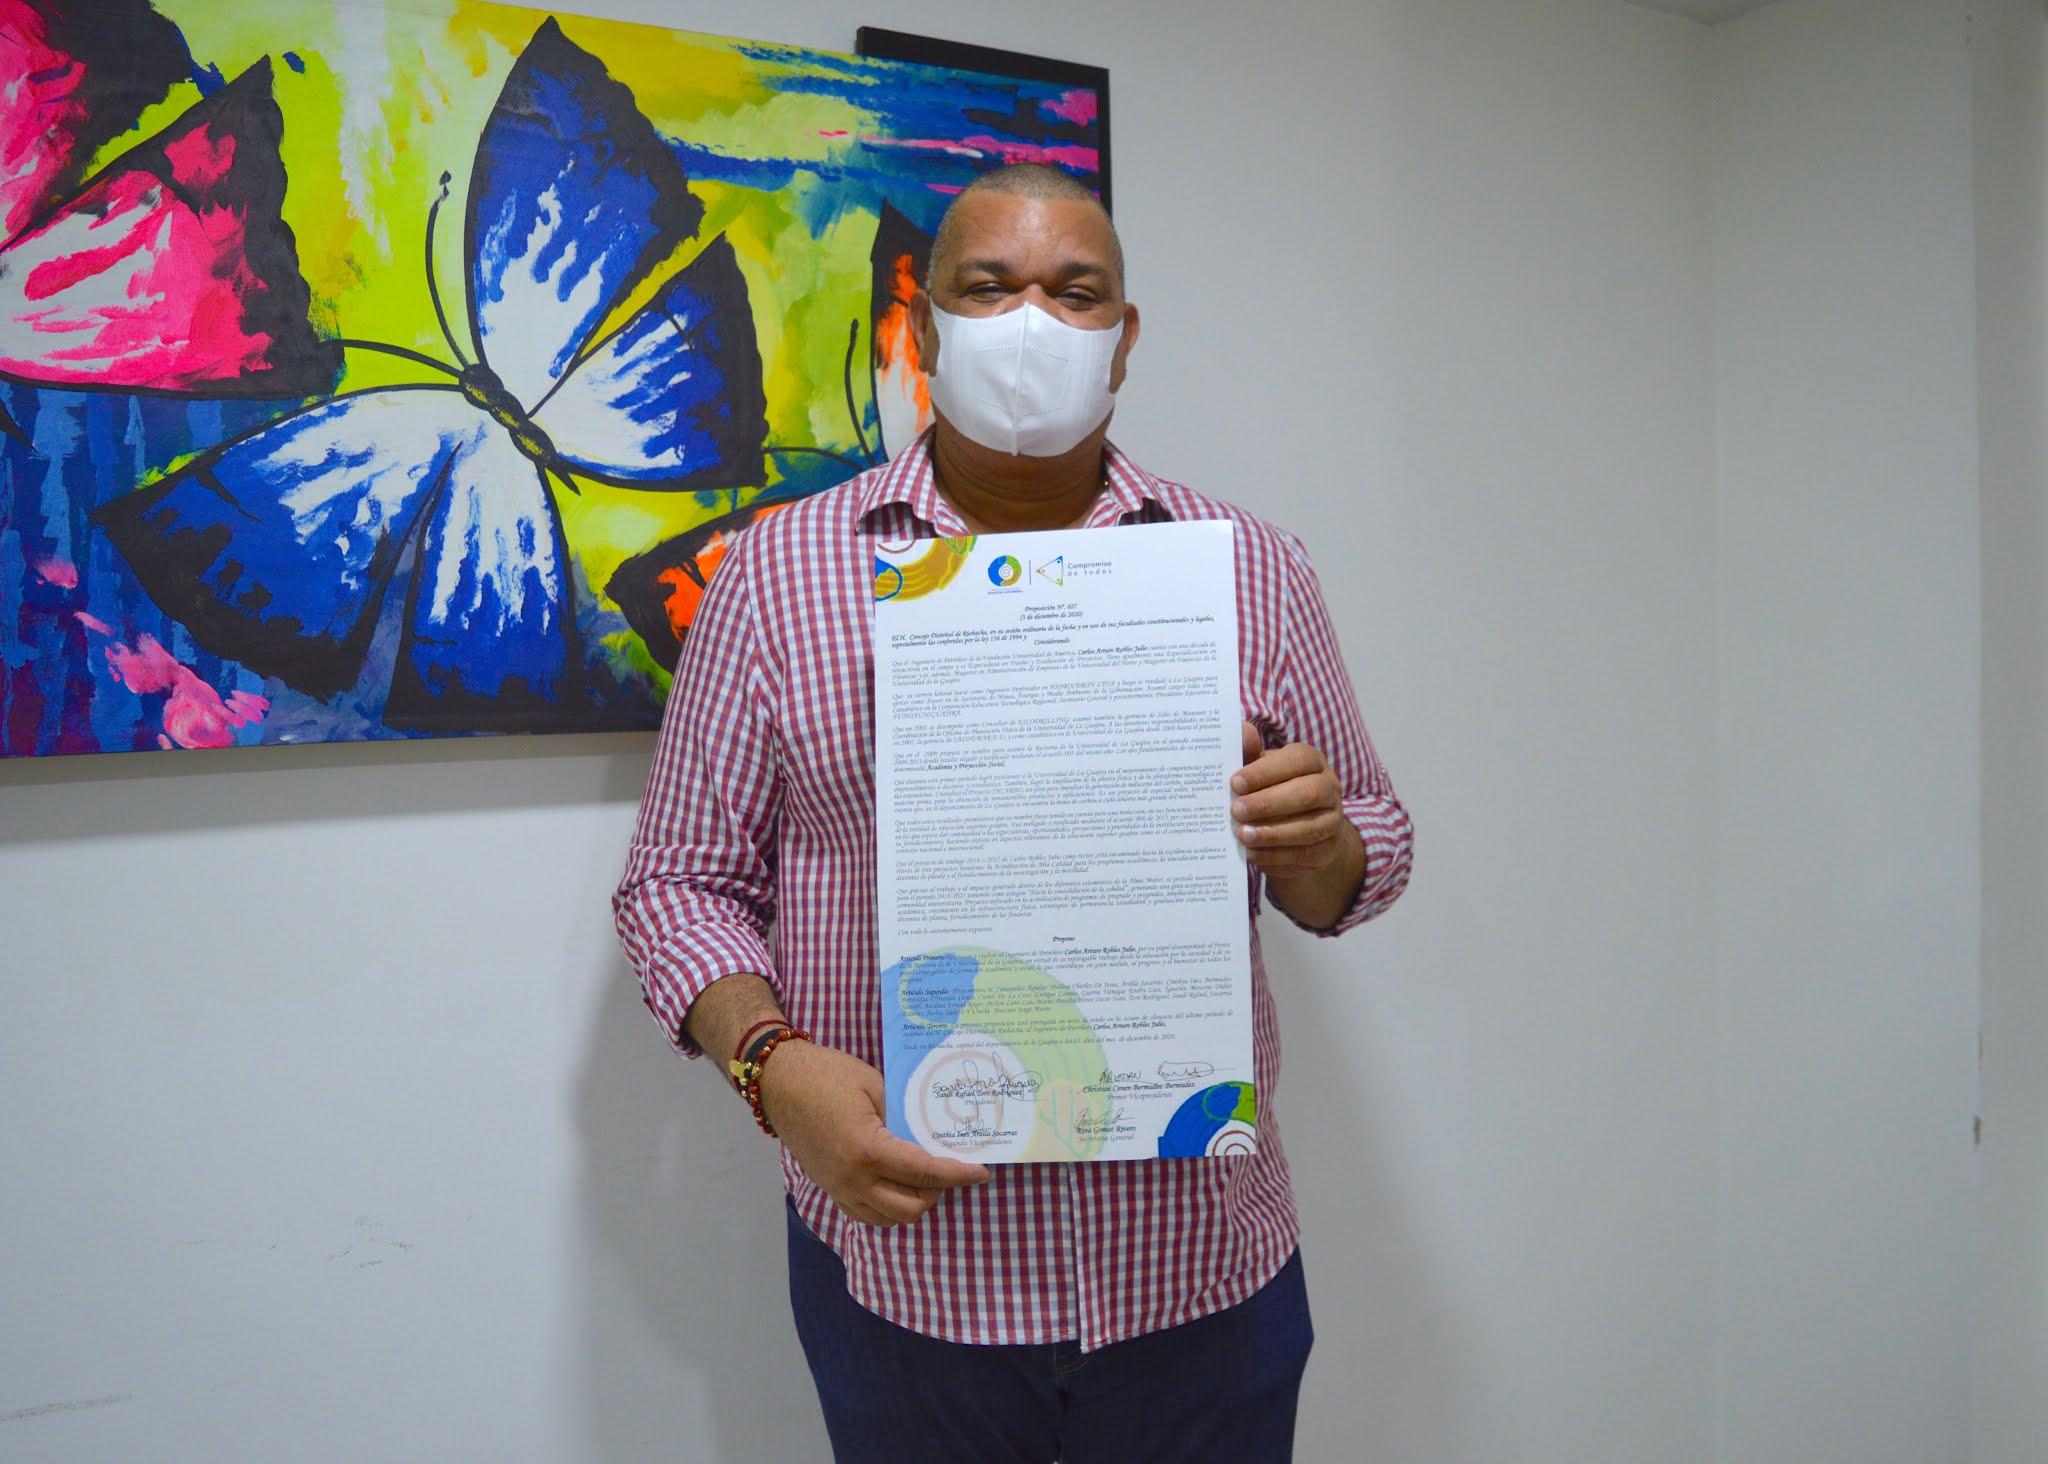 https://www.notasrosas.com/Carlos Arturo Robles Julio, rector de Uniguajira, recibe distinción del Concejo de Riohacha